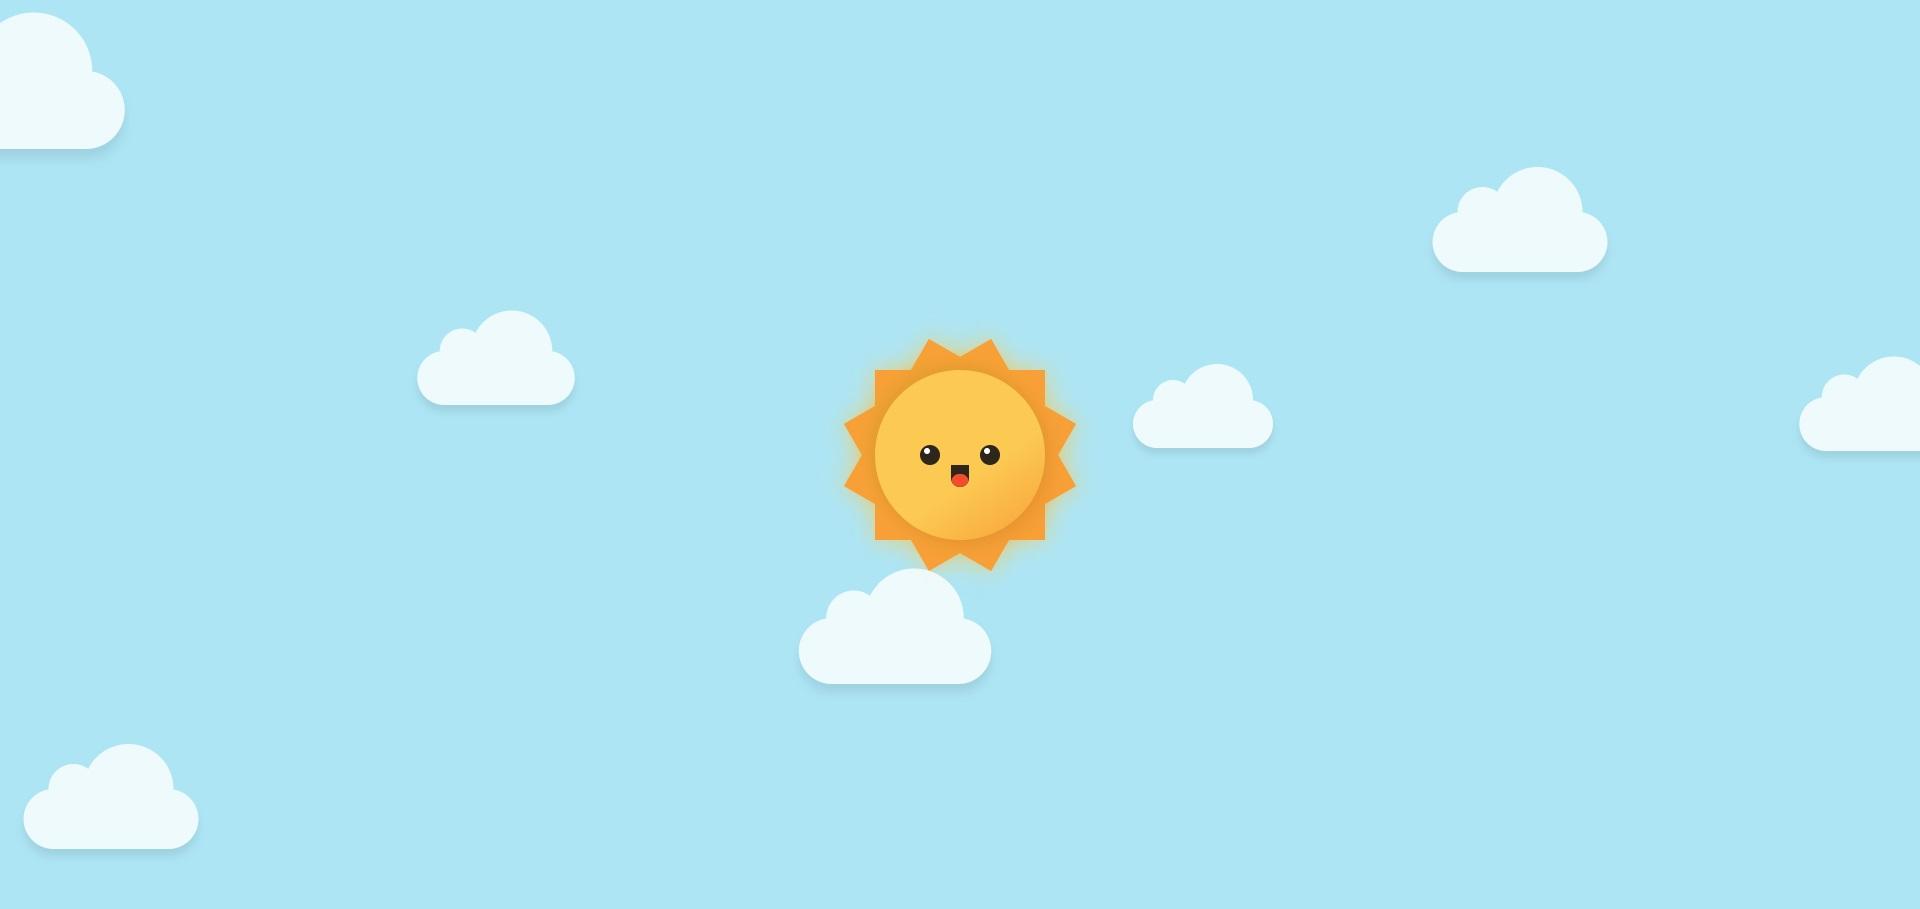 卡通的太阳和云朵动画特效